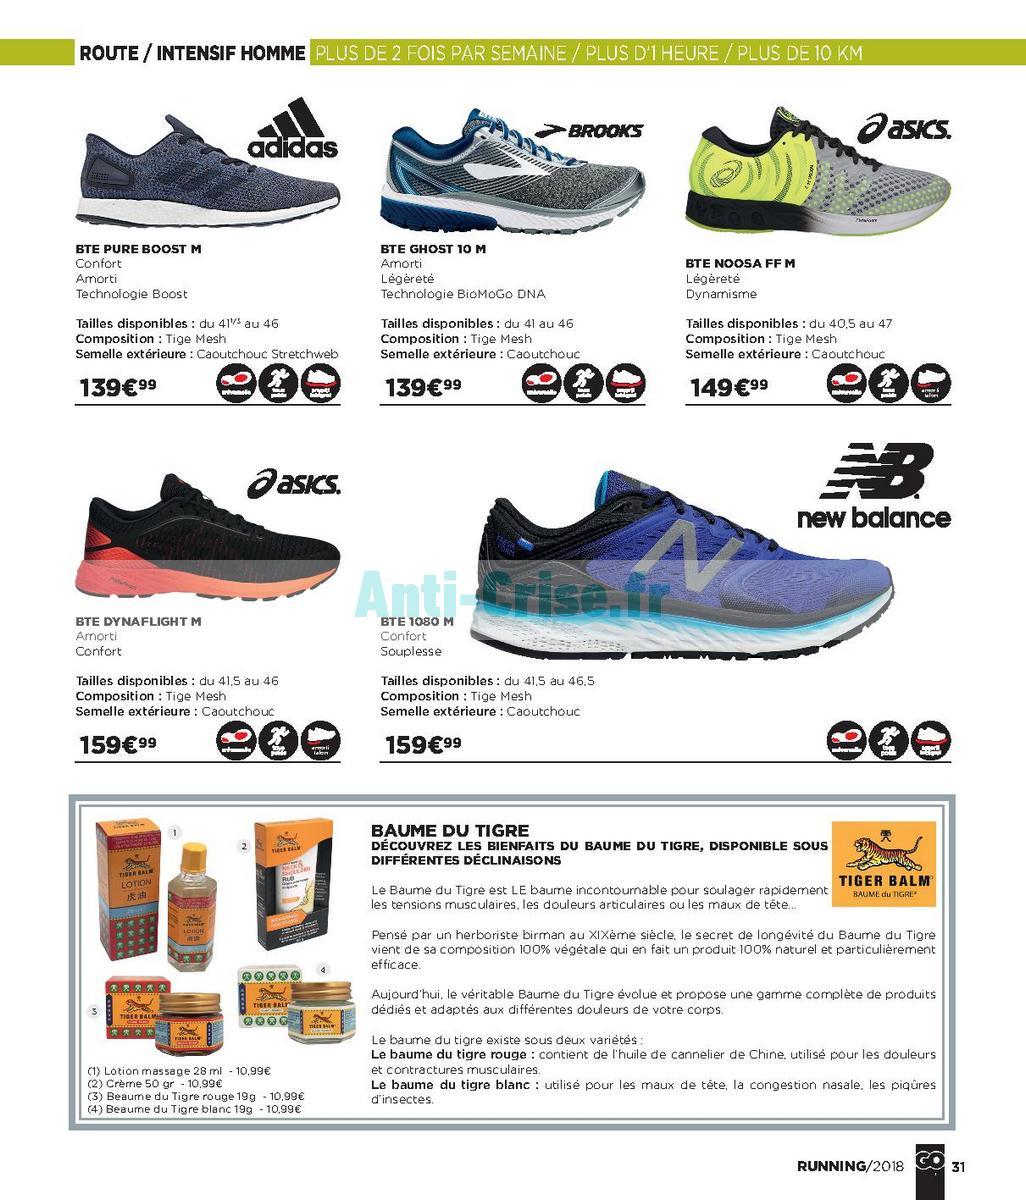 septembre2018 Catalogue Go Sport du 28 avril au 21 septembre 2018 (Running) (31)